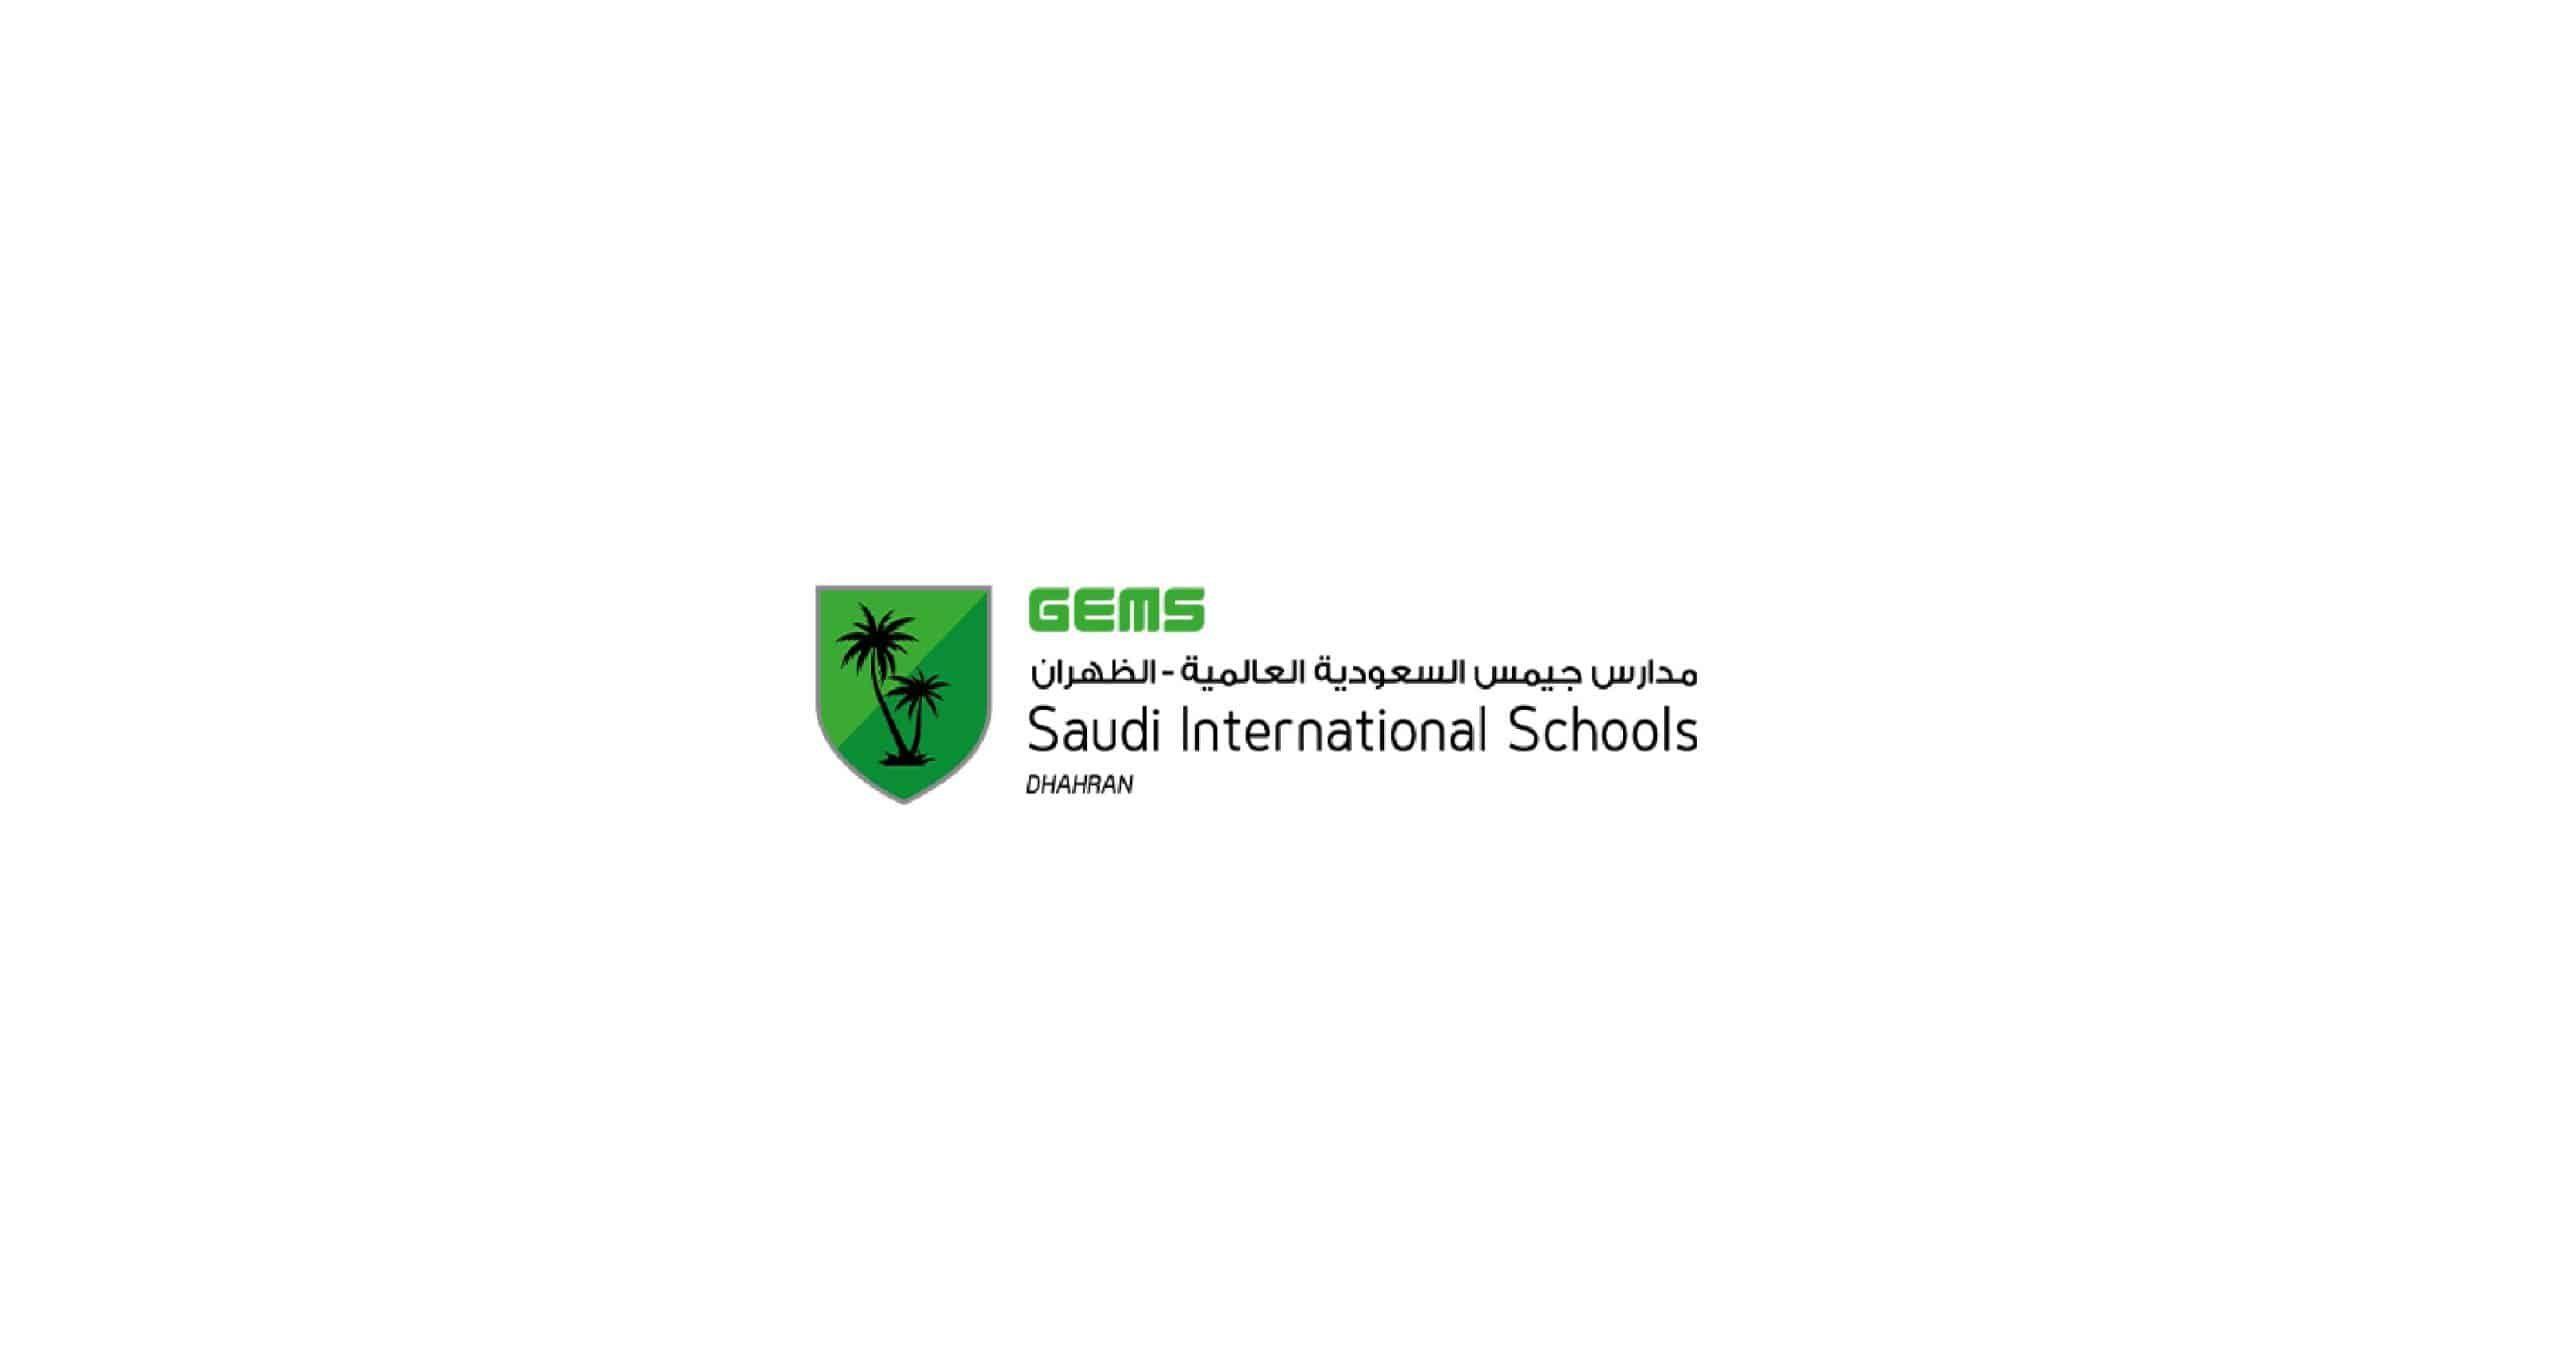 مدراس جيمس السعودية الدولية تعلن طرح وظائف شاغرة في عدة تخصصات للجنسين في مدينة الظهران International School School Pie Chart